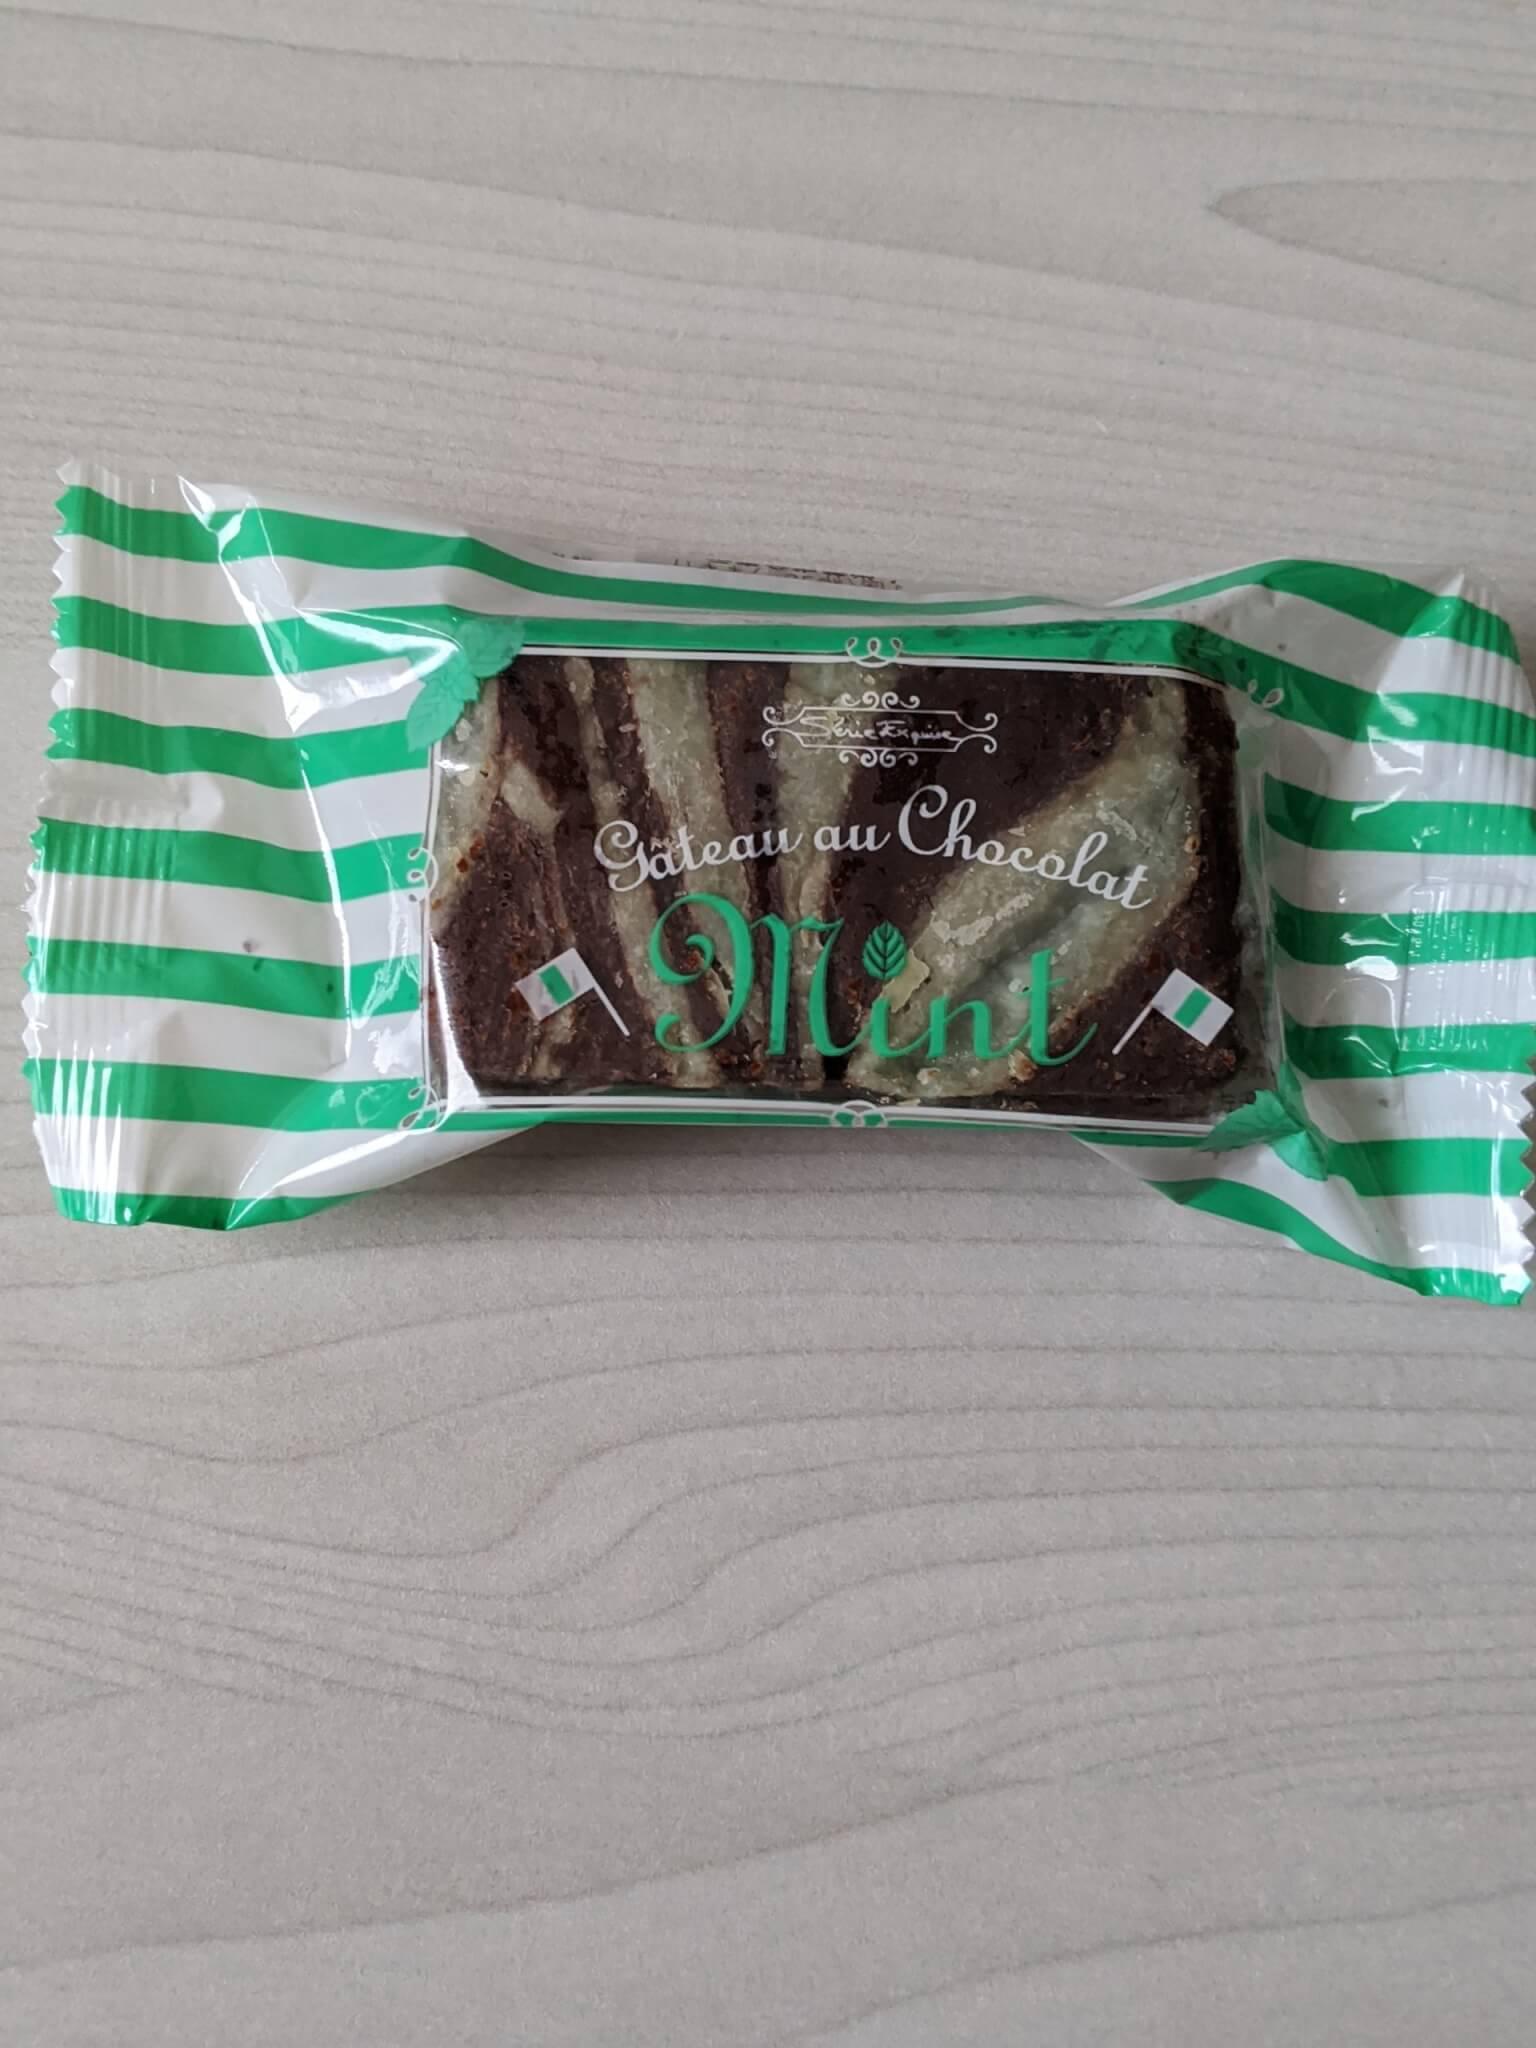 セリエキスキーズのガトーオーショコラミント